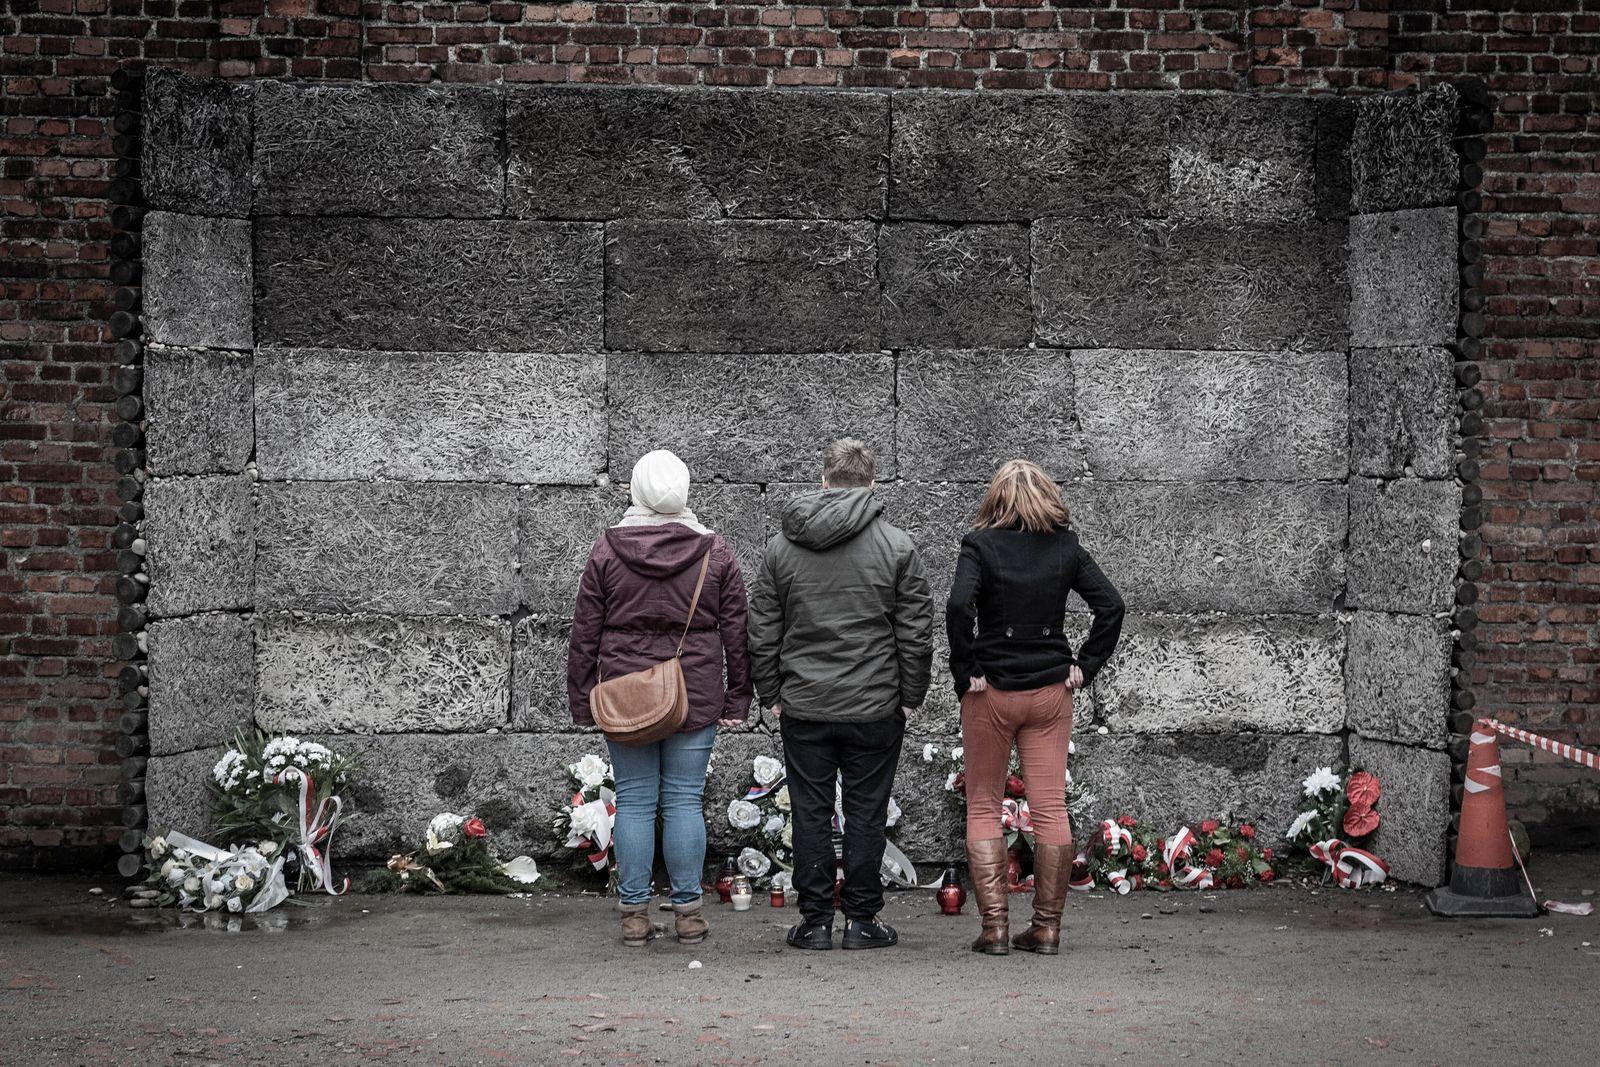 30.11.2018, xovx, Politik, Zeitgeschehen, Geschichte, Konzentrationslager Auschwitz, Polen 3 Jugendliche an der Gedenkst